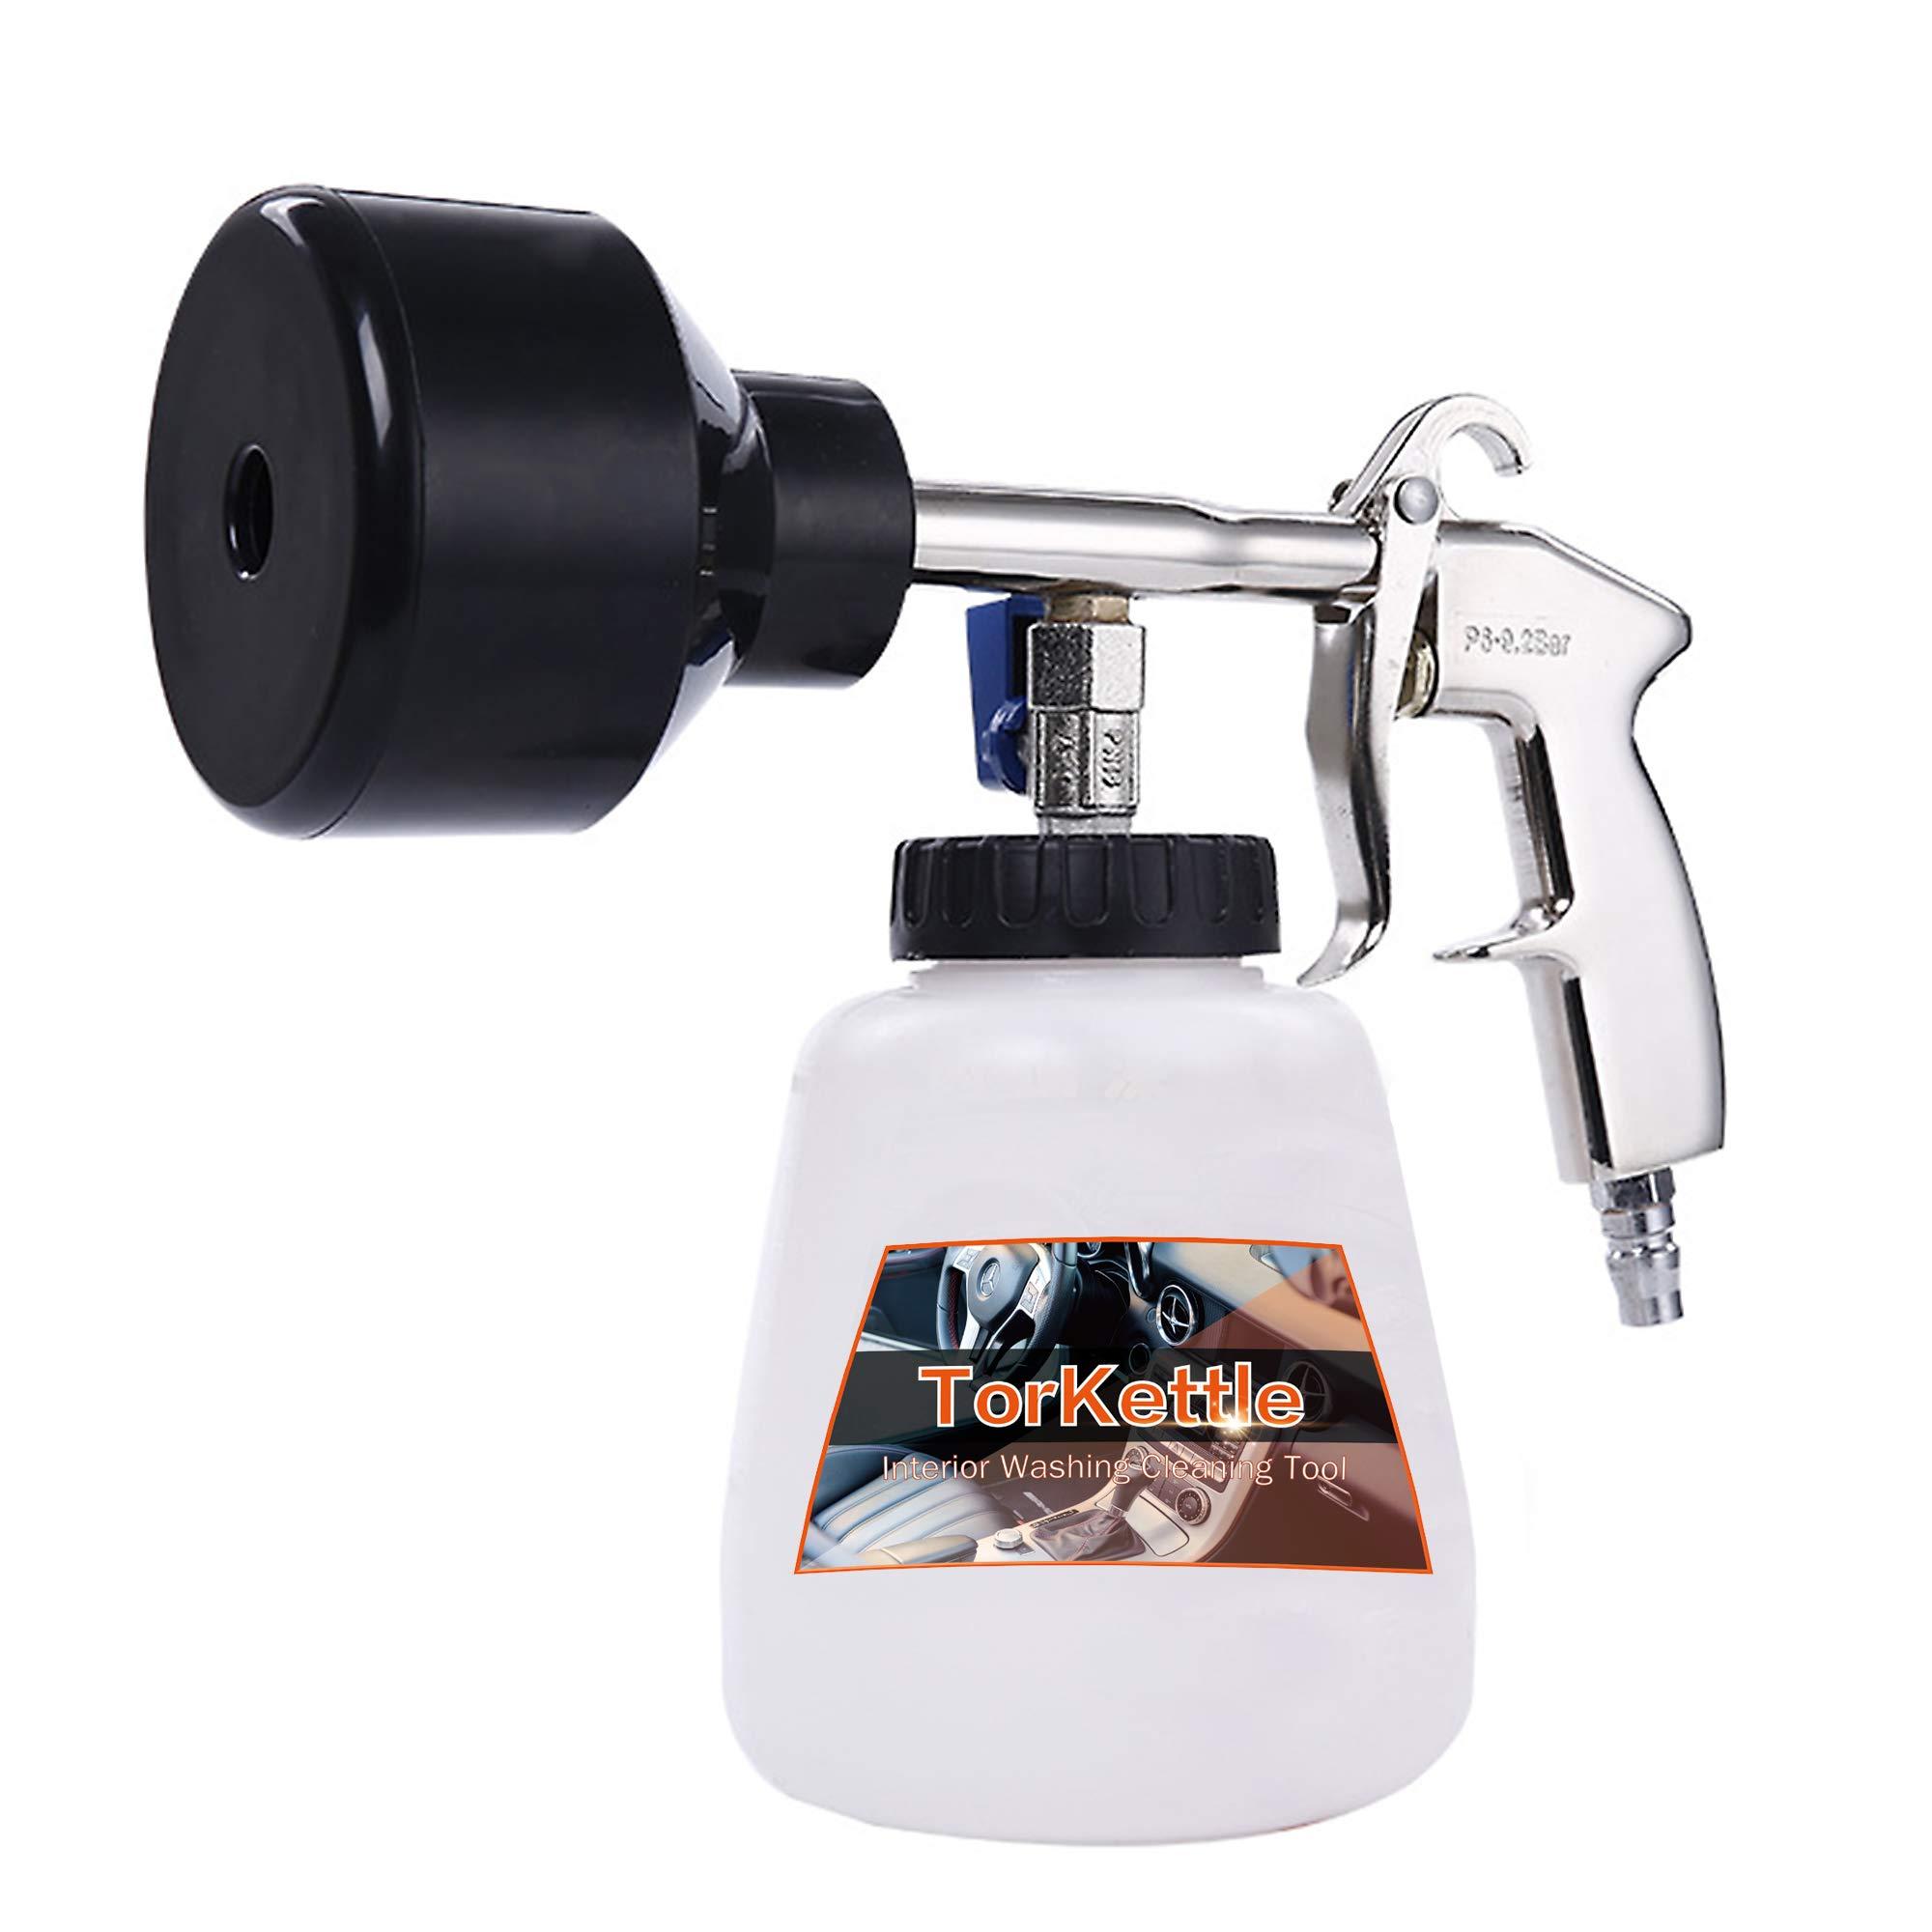 TorKettle Car Cleaning Air Driven Foam Gun (Black)